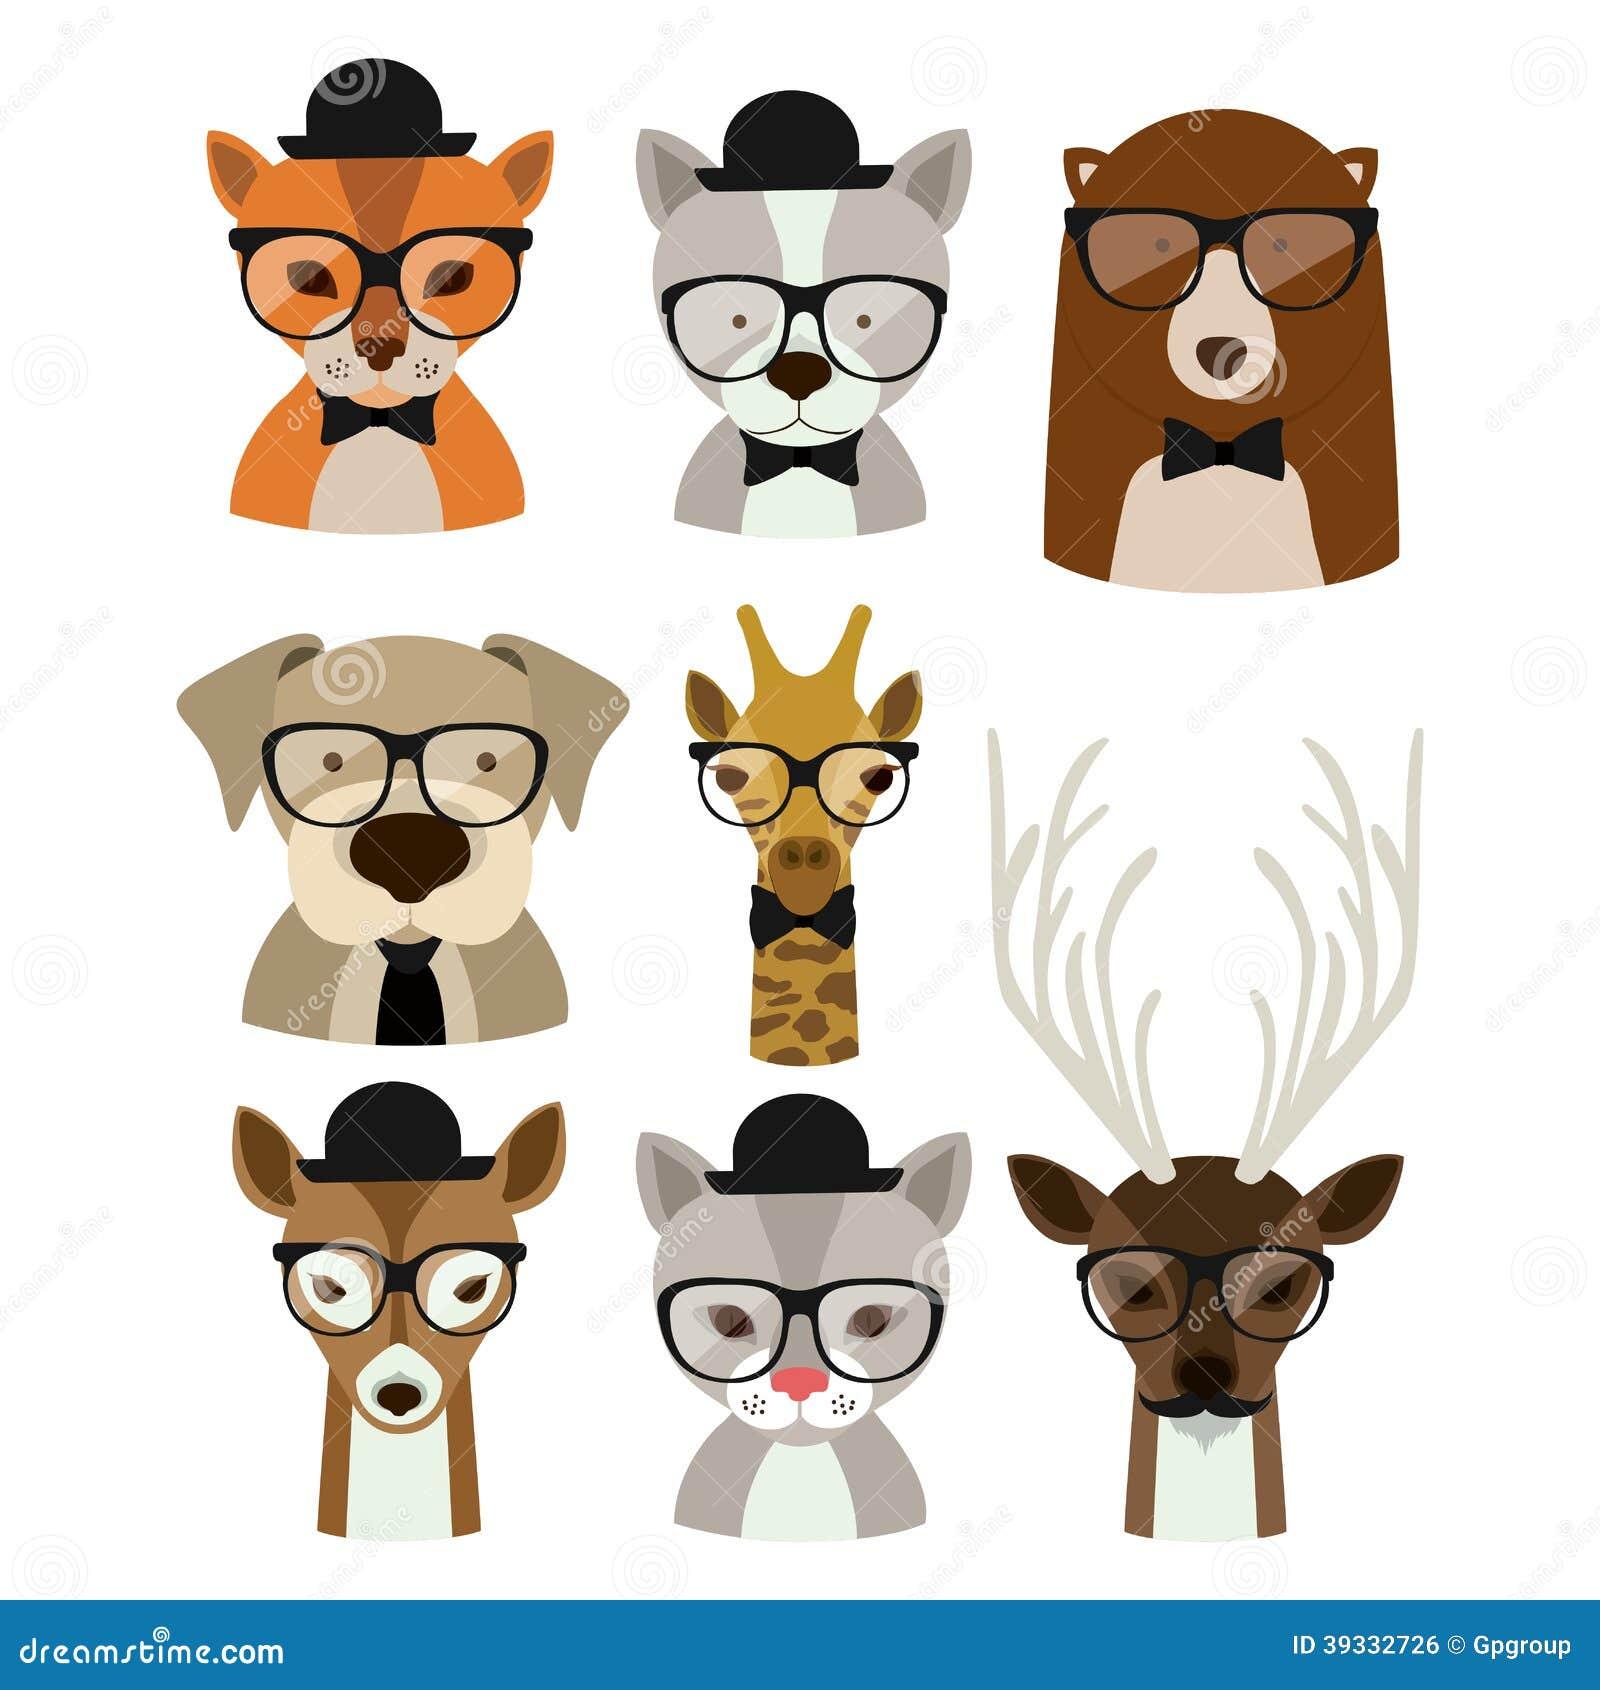 Animal hipster design over background,vector illustration.